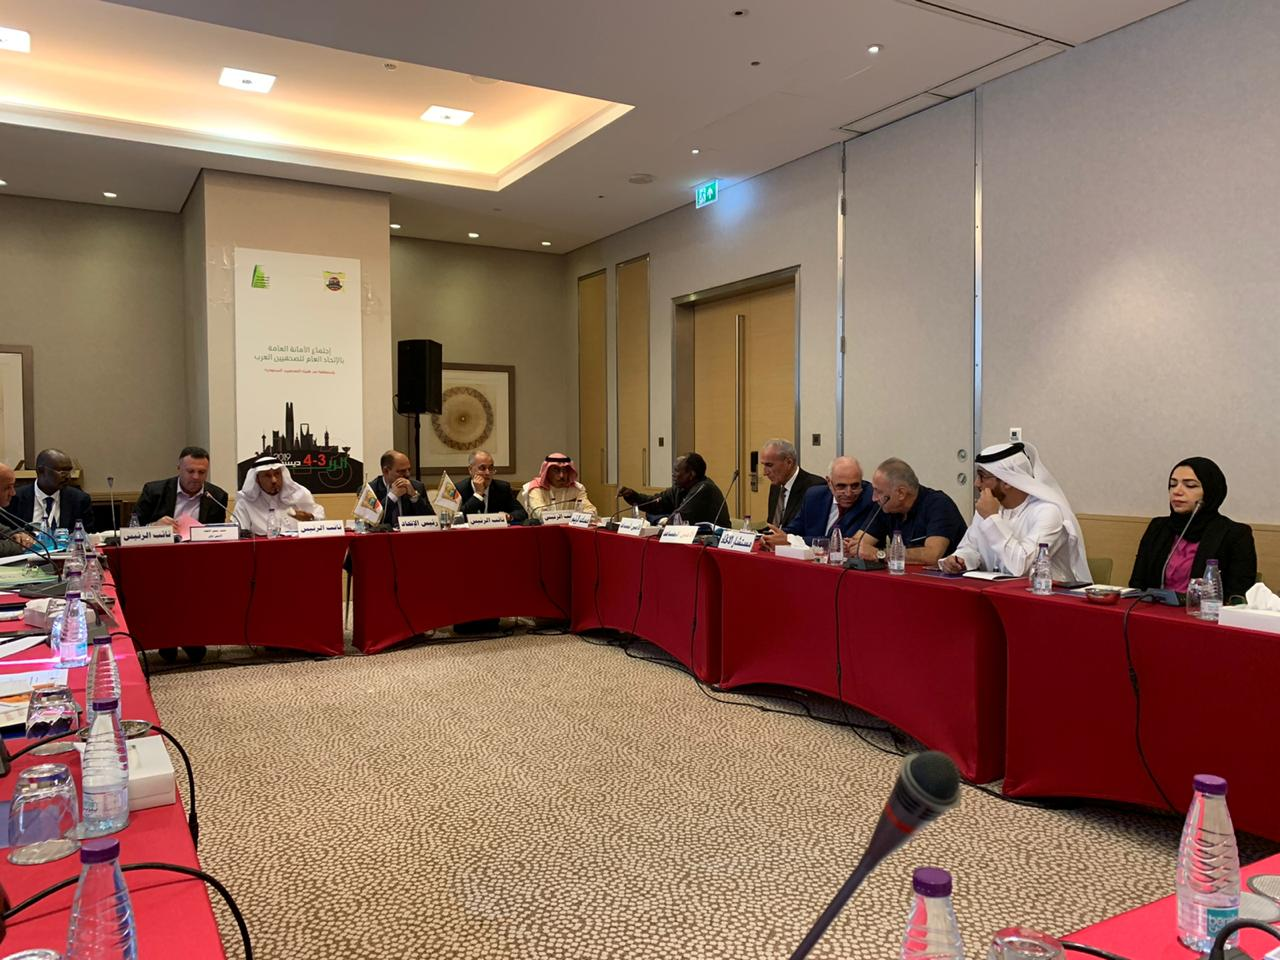 جمعية الصحفيين الإمارتية تشارك في اجتماع الأمانة العامة للصحفيين العرب بالرياض